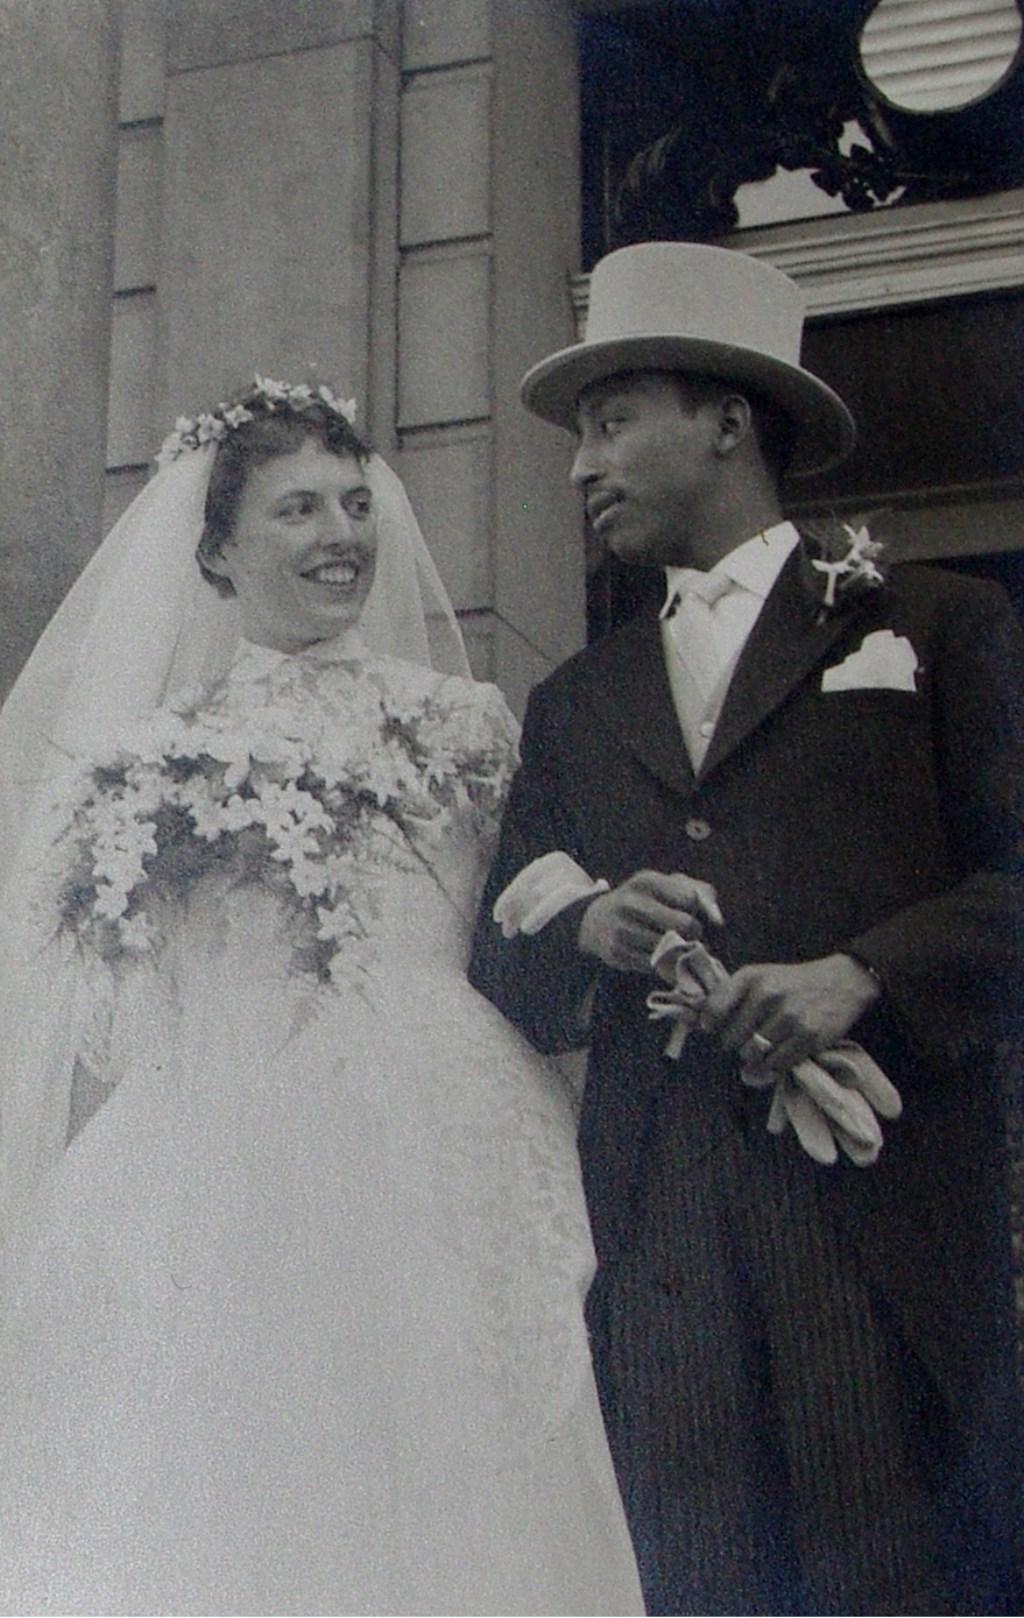 Het kersverse bruidspaar op 13 augustus 1959.  © uitgeverij Verhagen